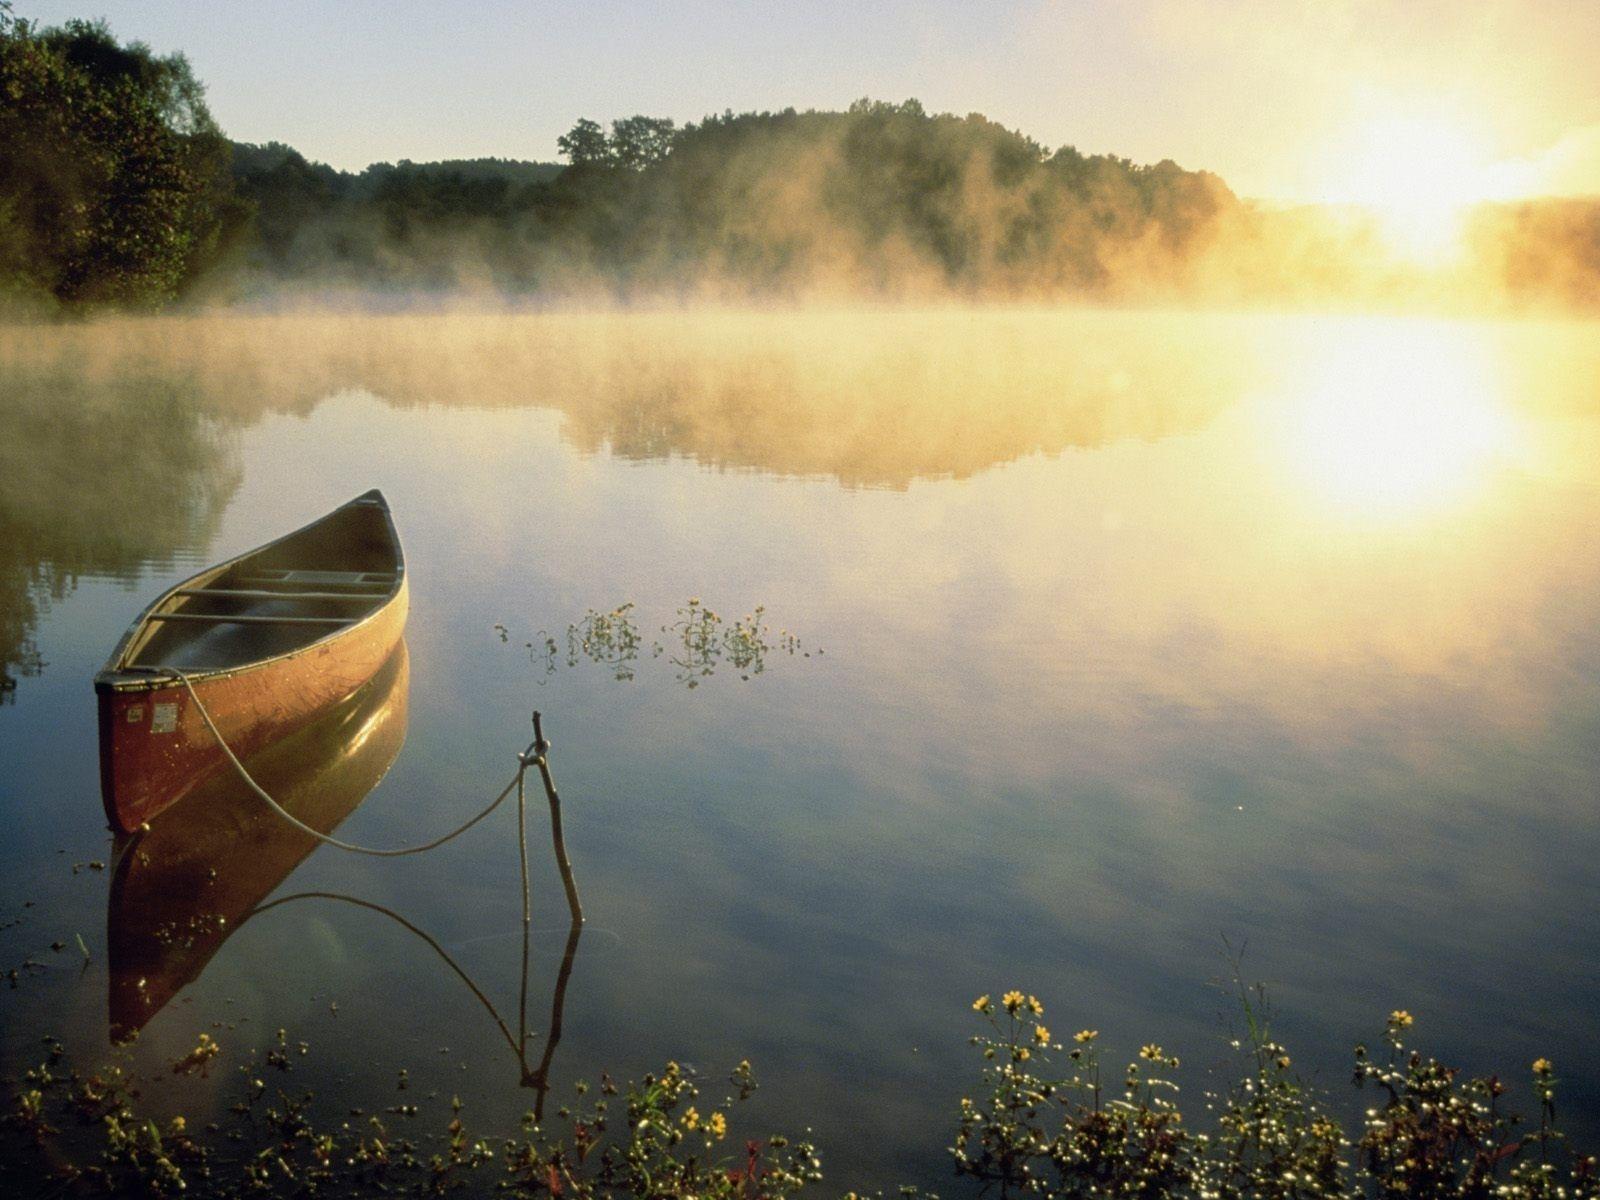 Canoa en el lago   fotografias   Pinterest   Fotografía